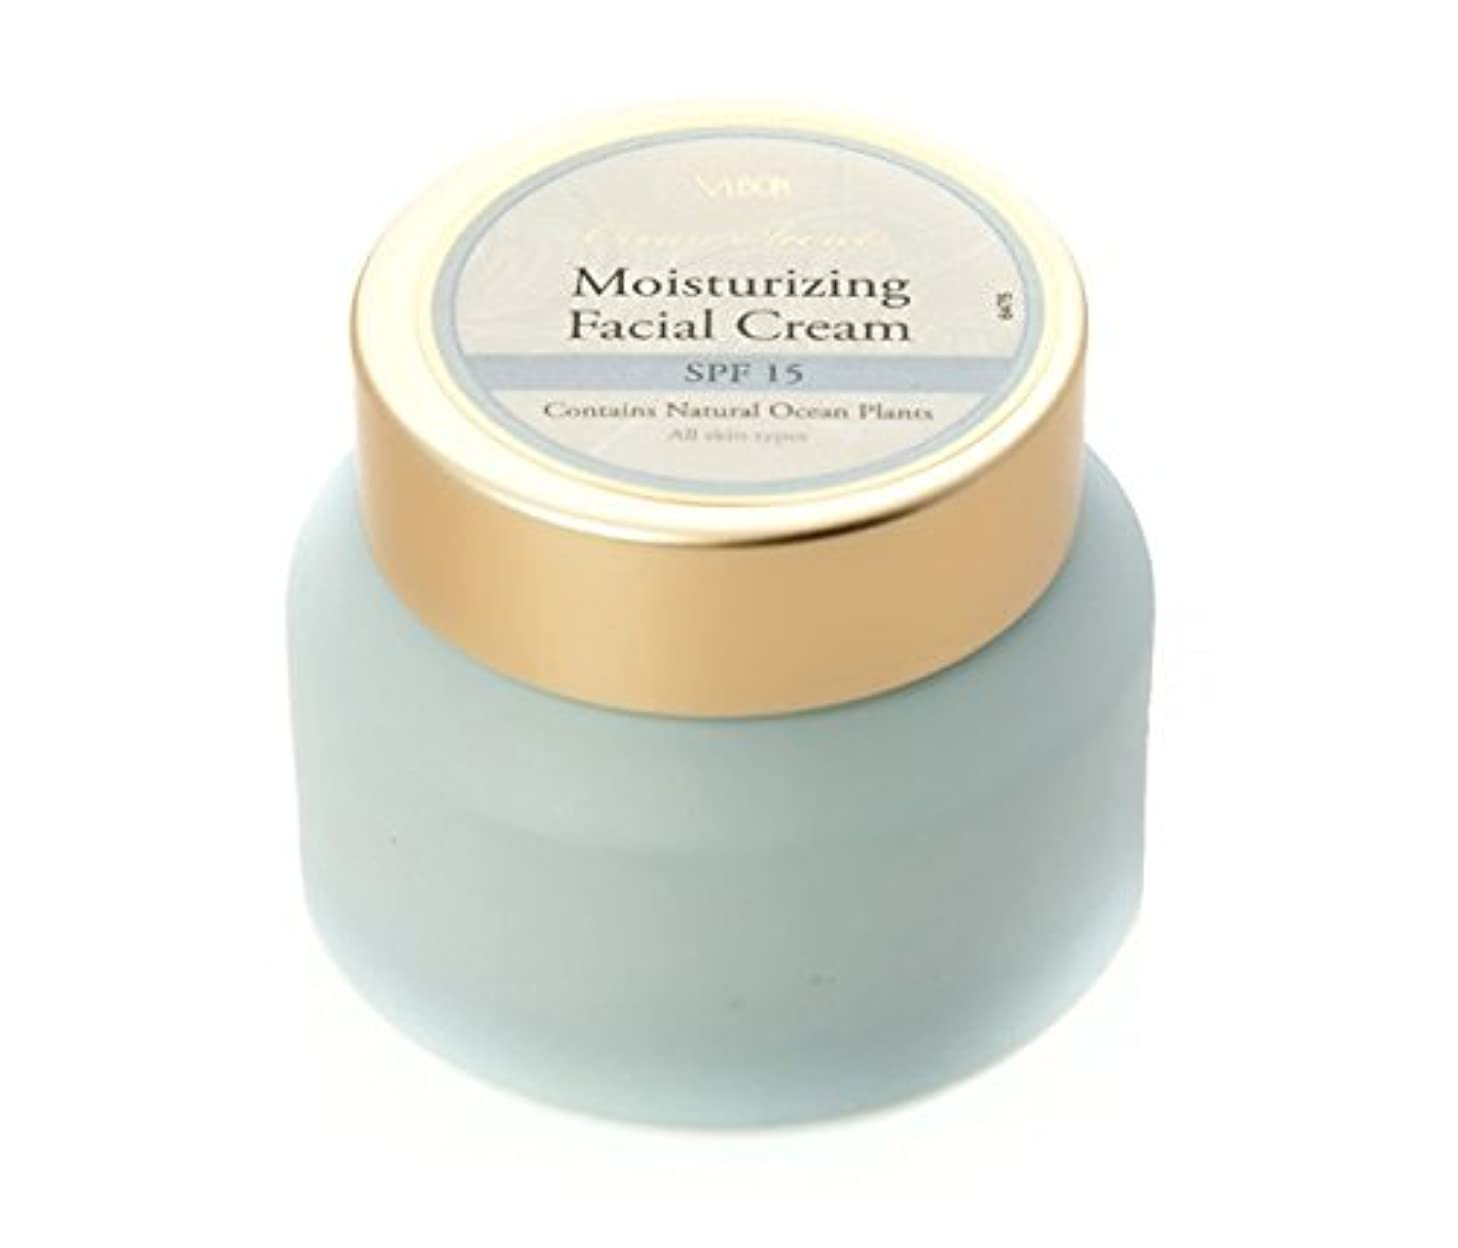 家庭教師購入考案する【SABON(サボン)】モイスチャライジング フェイシャルクリームSPF15(Ocean Secrets AP Moisturizing Facial Cream SPF 15)イスラエル発 並行輸入品 海外直送